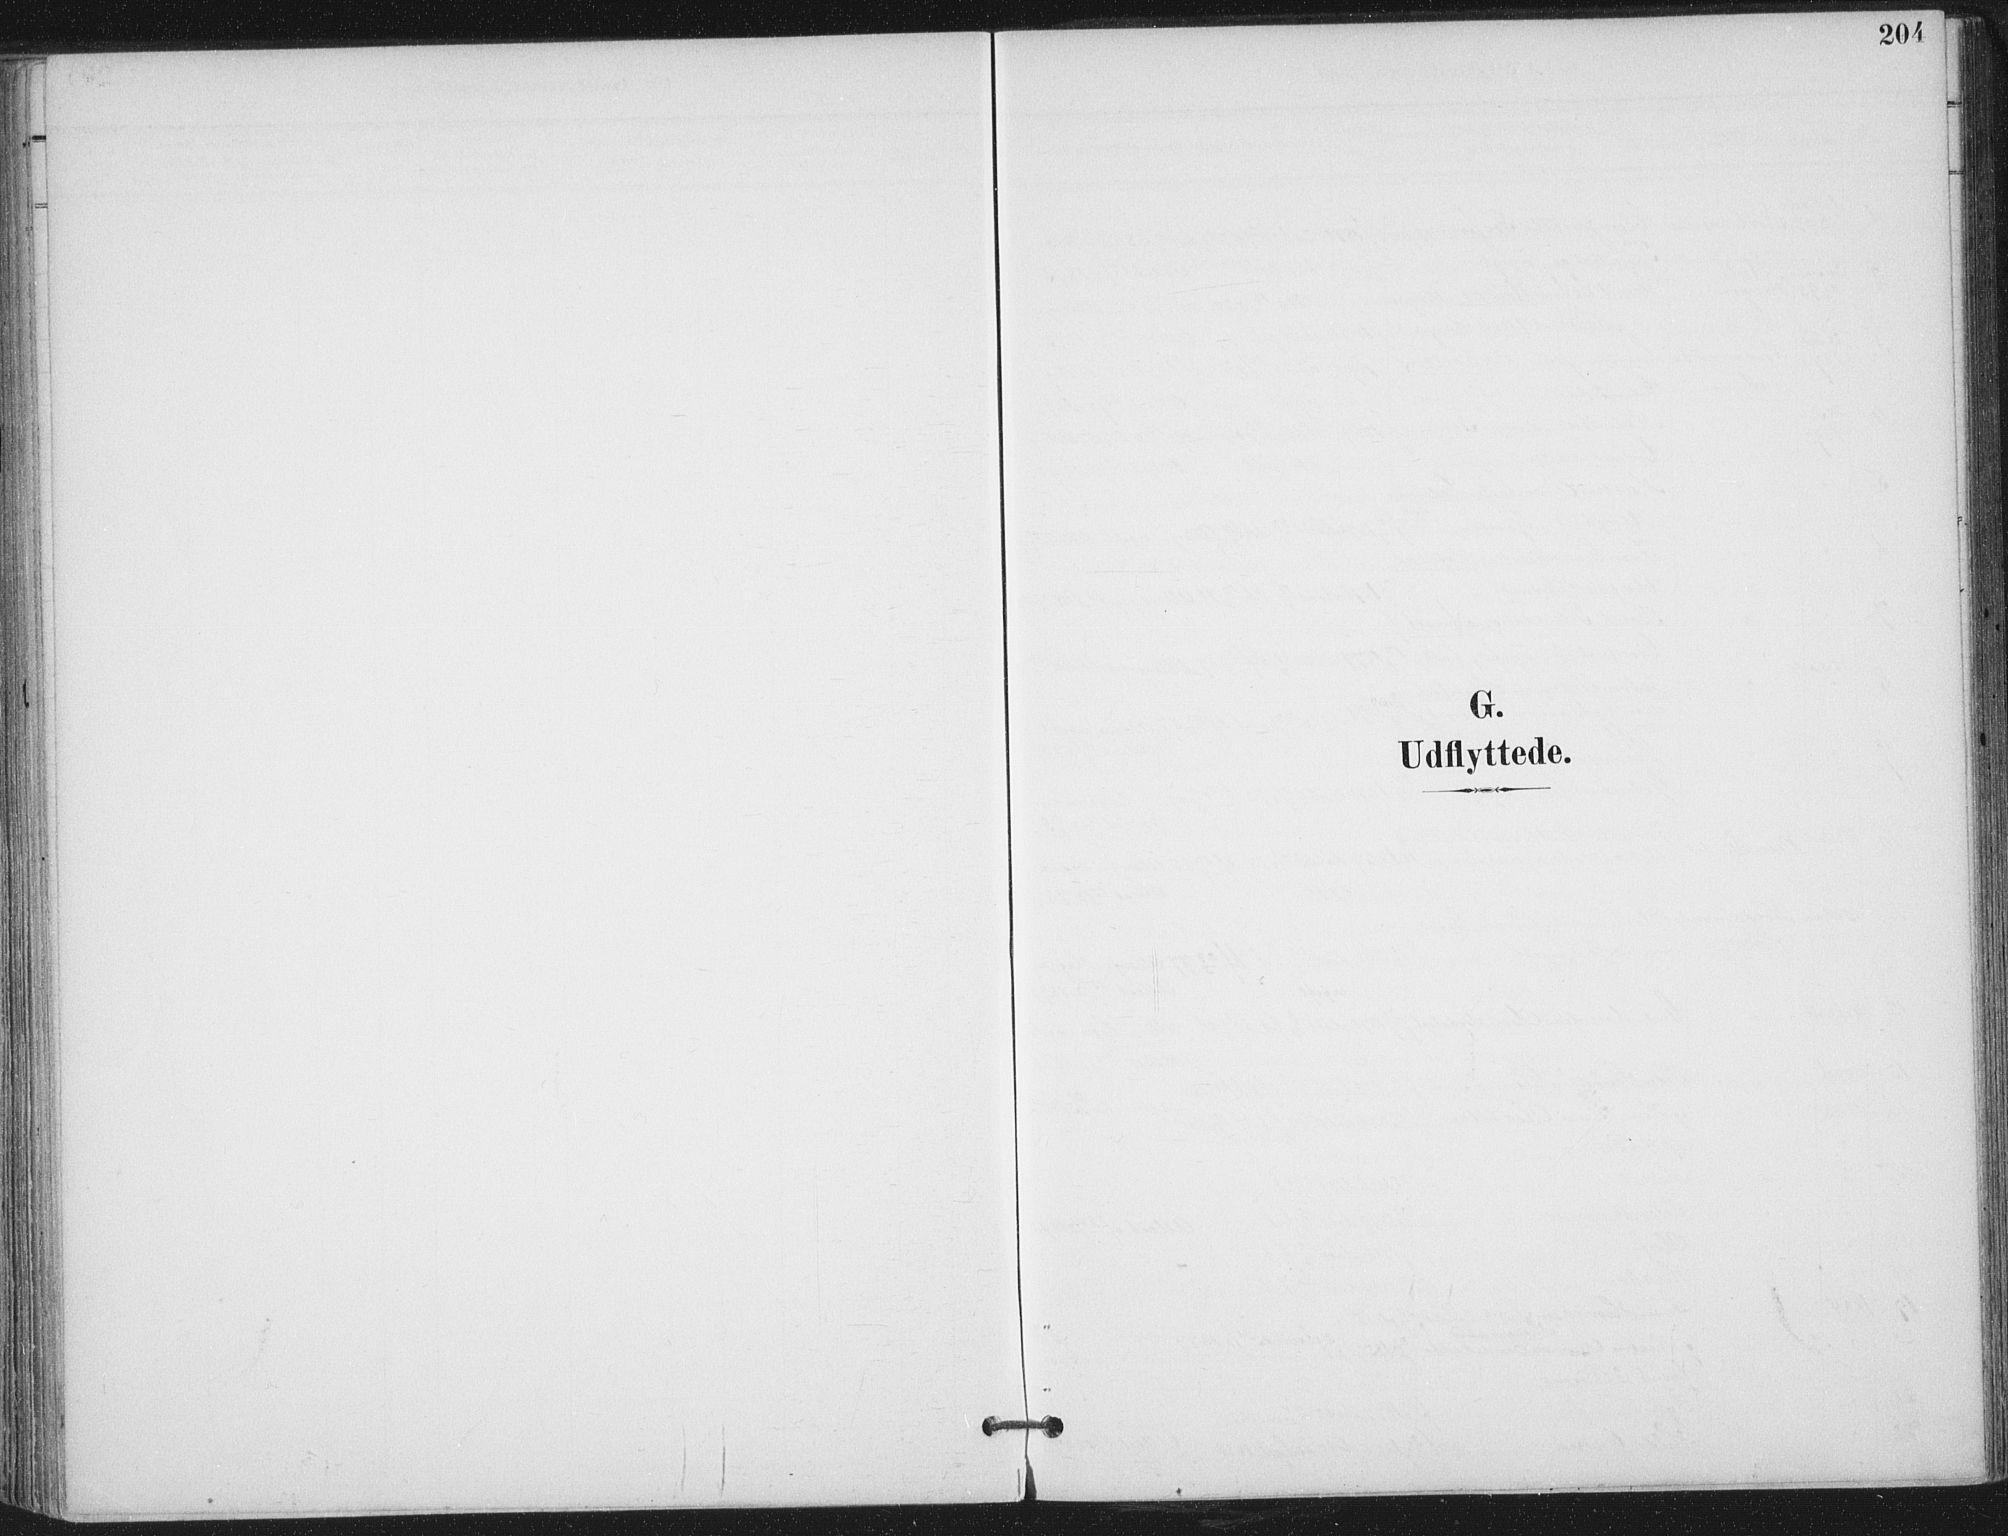 SAT, Ministerialprotokoller, klokkerbøker og fødselsregistre - Nord-Trøndelag, 703/L0031: Ministerialbok nr. 703A04, 1893-1914, s. 204